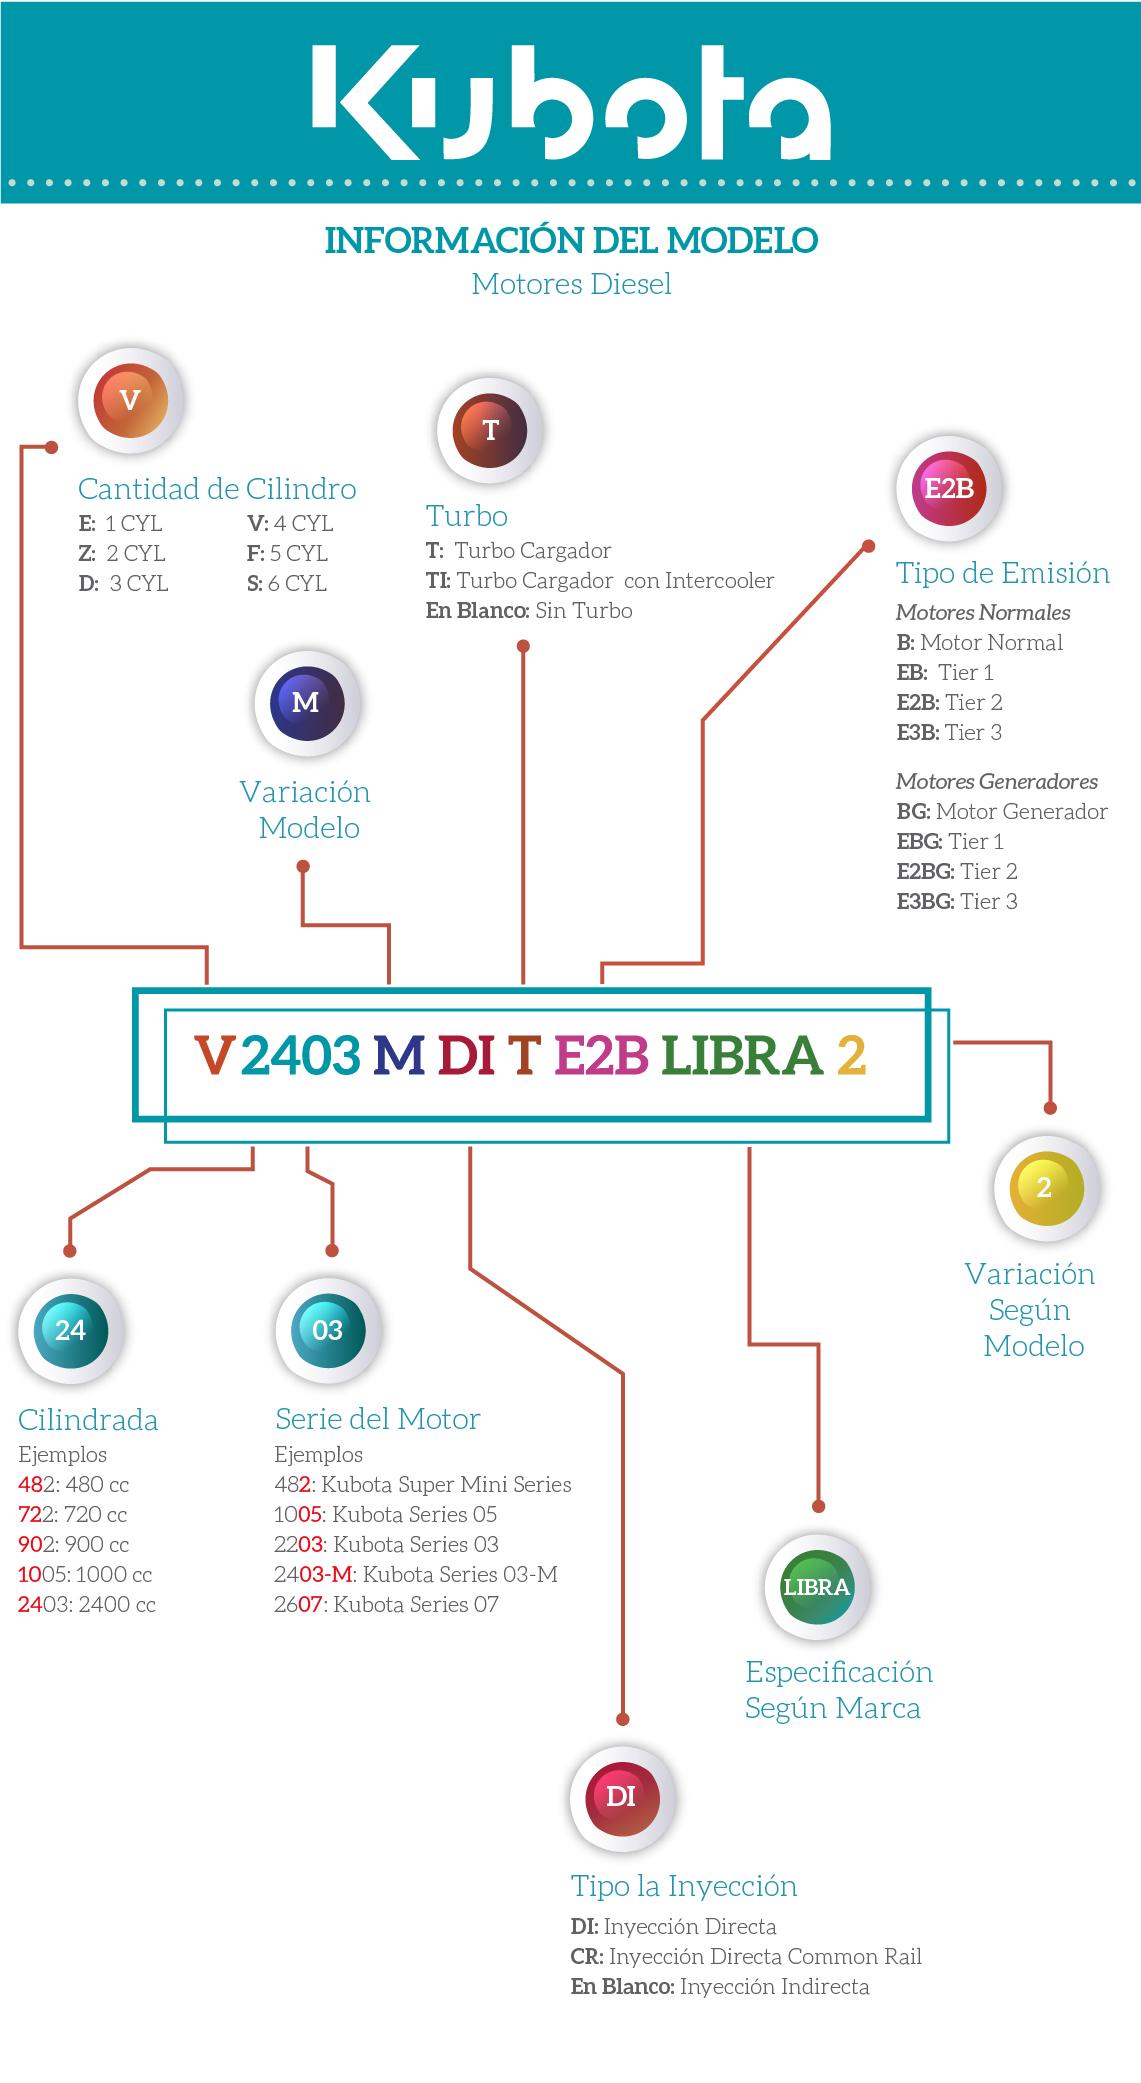 como identificar tu motor kubota V: Cantidad de CilindrosE: 1 CYL; Z: 2CYL; D: 3 CYL;  V: 4 CYL; F:5 CYL;  S: 6 CYL; 2403: 24: Cilindrada; Ejemplo: 482: 480 cc; 722: 720 cc;  1005: 1000 cc;  2403: 2400 cc; 03: Serie del Motor; Ejemplo: 482: Kubota super mini series; 1005: Kubota series 05; 2203: Kubota serie 3; 2403M Kubota serie 03M;  2607: Kubota serie 07; M: Variación Modelo; DI: Tipo la Inyección; DI: Inyección Directa; CR: Inyección Directa Common Rail;  En Blanco: Inyección Indirecta; T: Turbo - T: Turbo Cargador;  TI: Turbo Cargador  con Intercooler;  En Blanco: Sin Turbo; E2B: Tipo de Emisión: Motores Normales; B: Motor Normal; EB: Tier 1; E2B: Tier; 2E3B: Tier 3 Motores Generadores;  BG: Motor Generador; EBG: Tier 1; E2BG: Tier 2; E3BG: Tier 3; Libra: Especificación según marca; 2: Variación según modelo